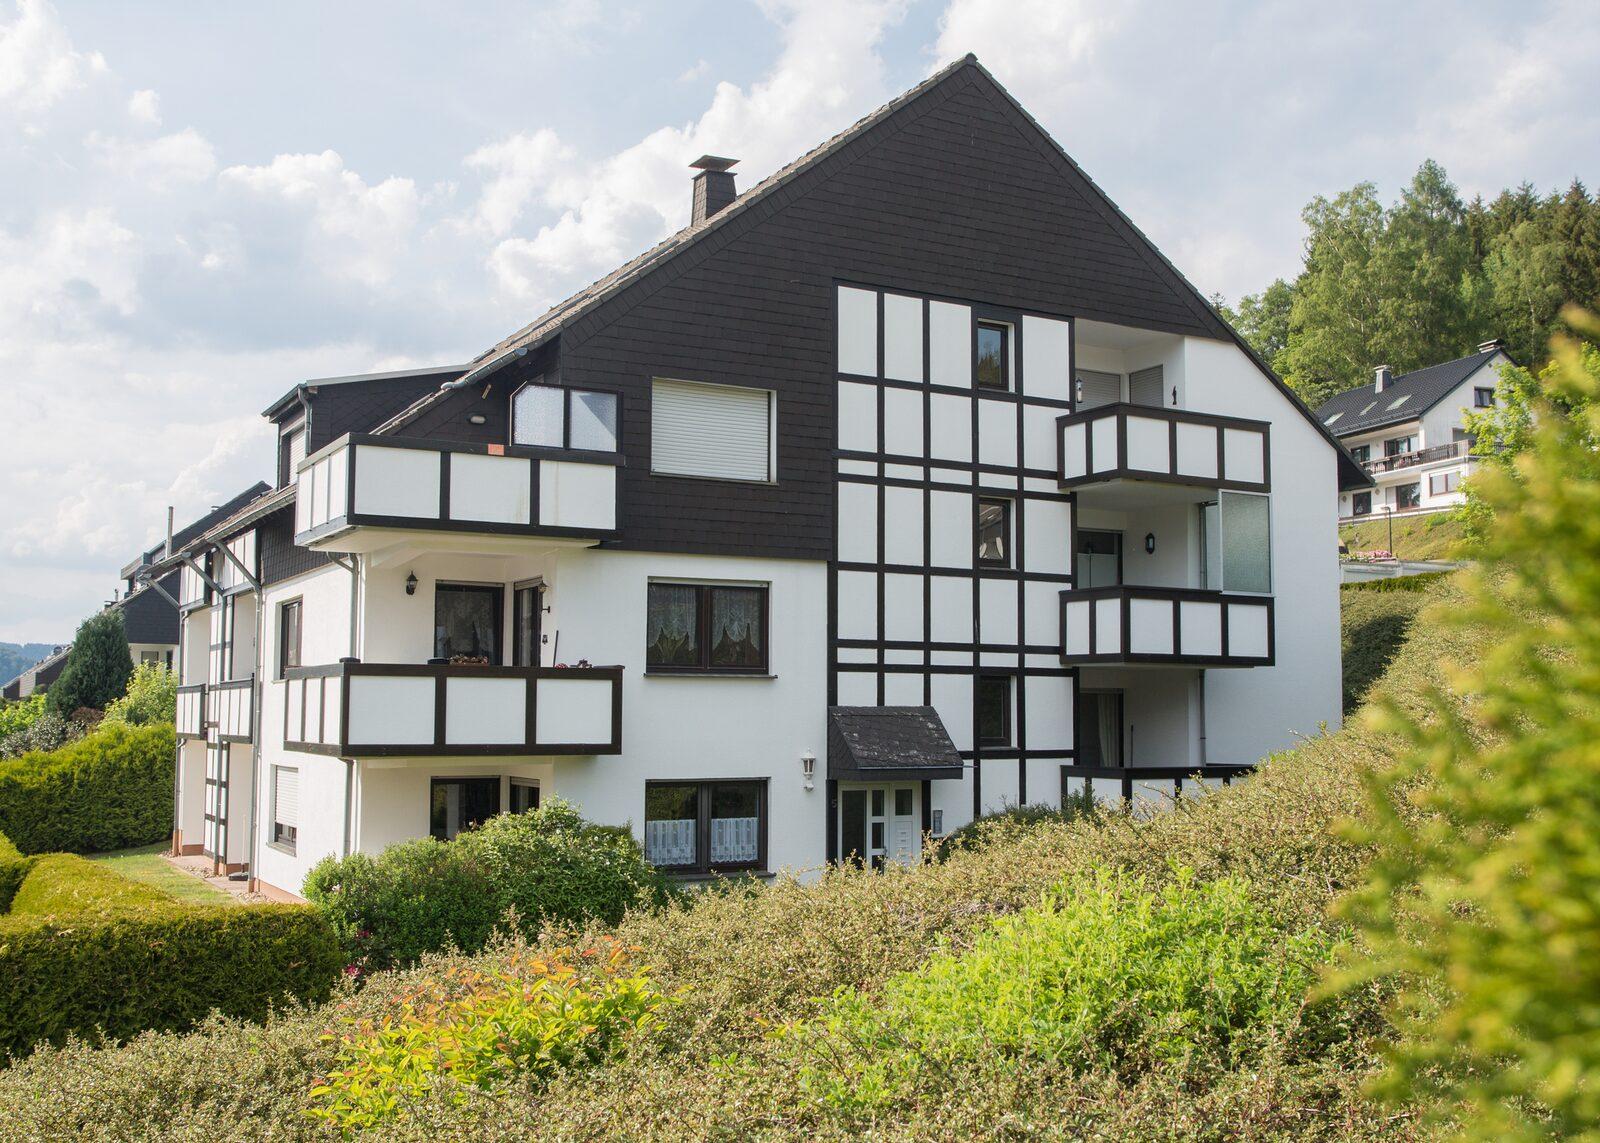 Apartement - Am Bergelchen 5-H | Niedersfeld